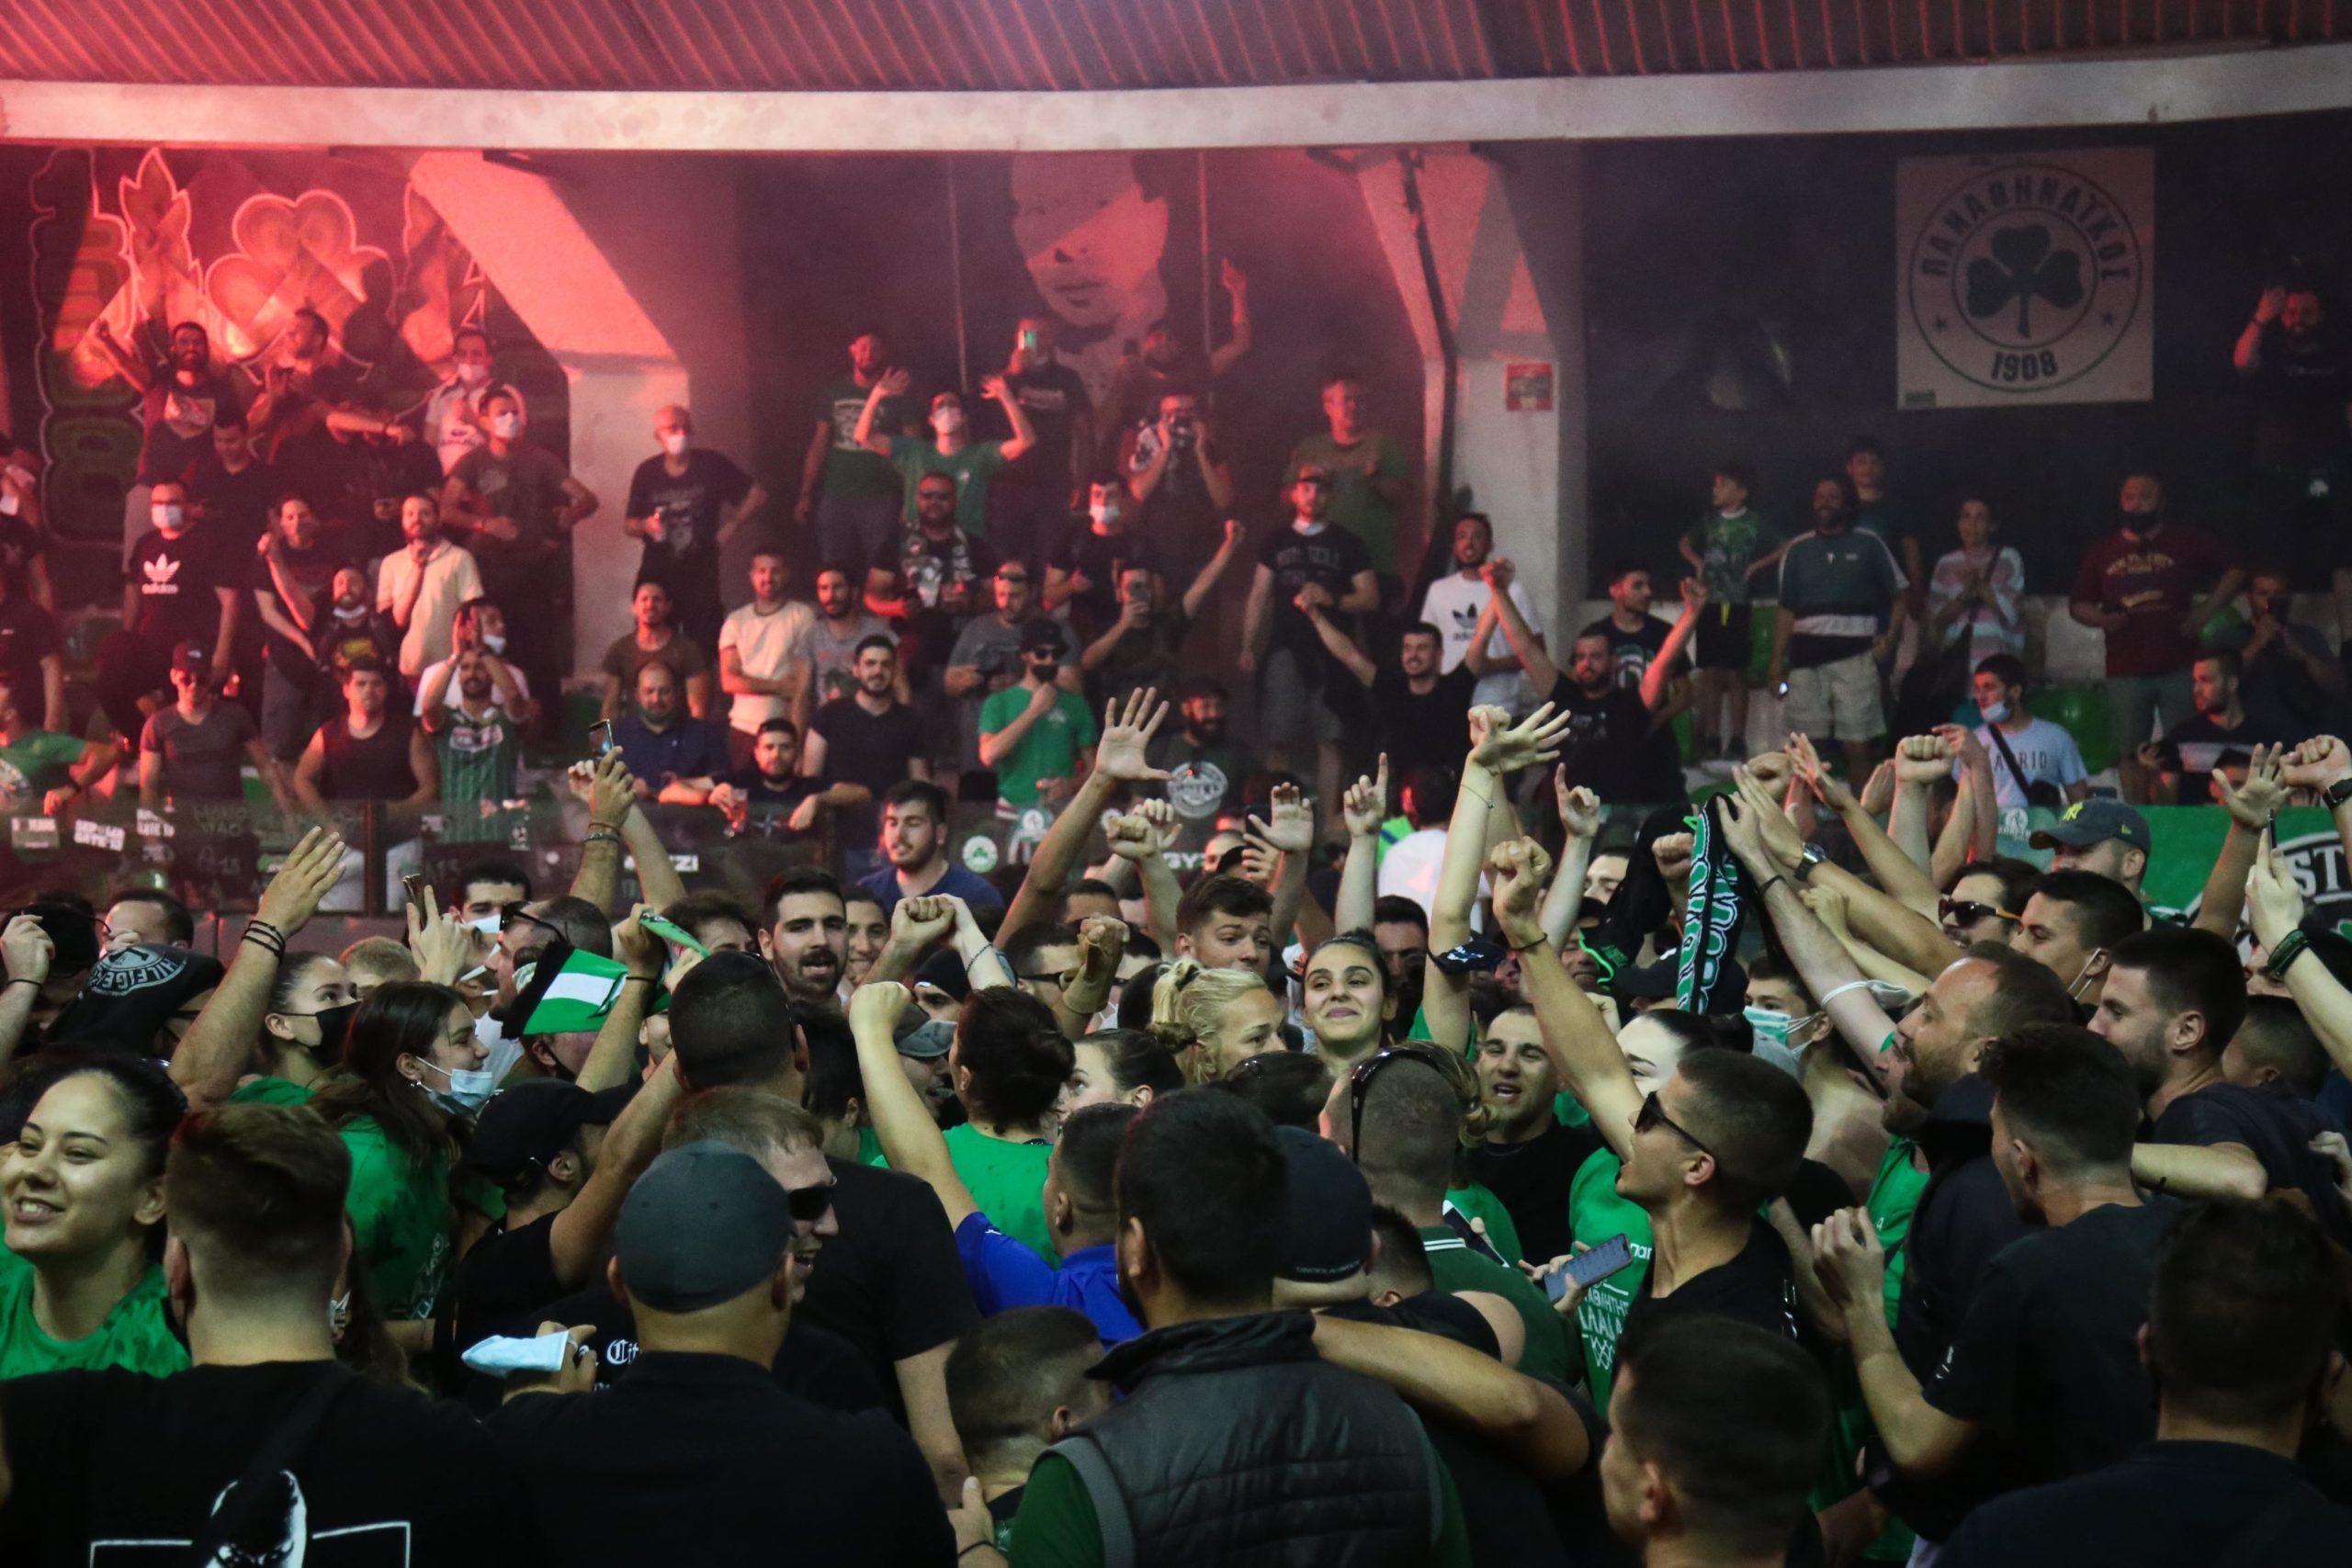 Ντελίριο στη Λεωφόρο, πάρτι τίτλου στο «Παύλος Γιαννακόπουλος» (εικόνες)